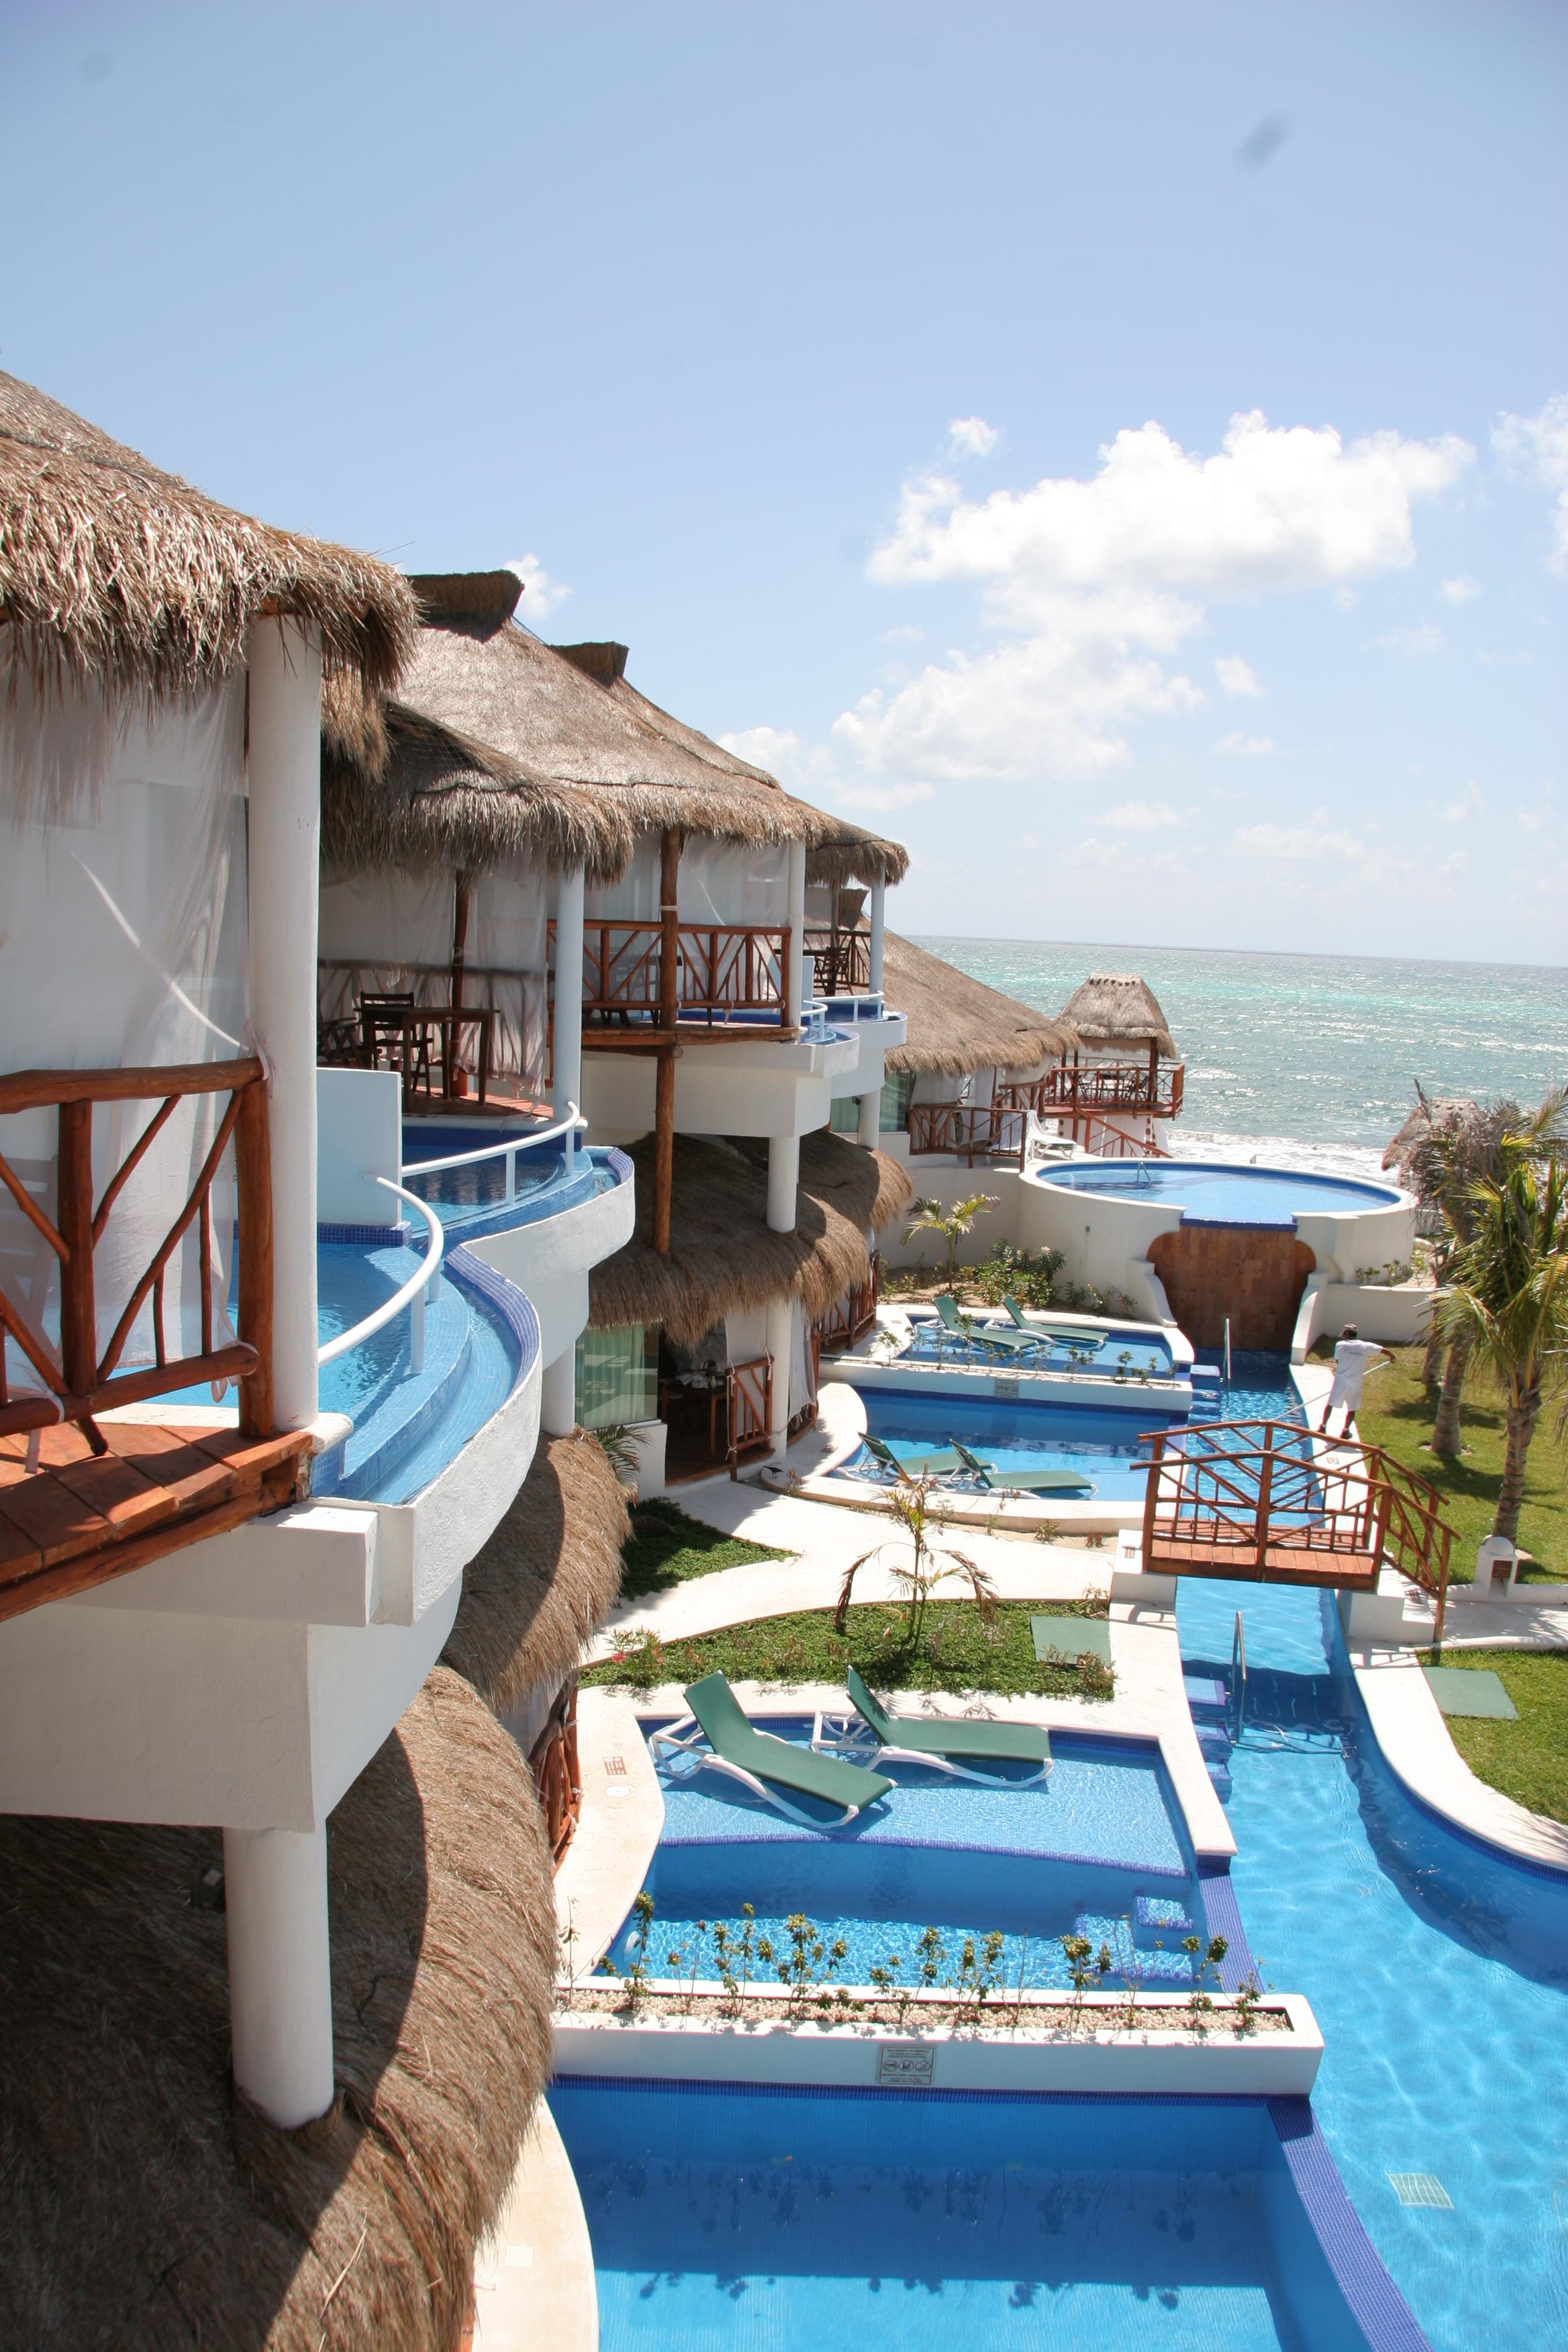 El dorado casitas royale inclusive resort by karisma for El dorado cabins